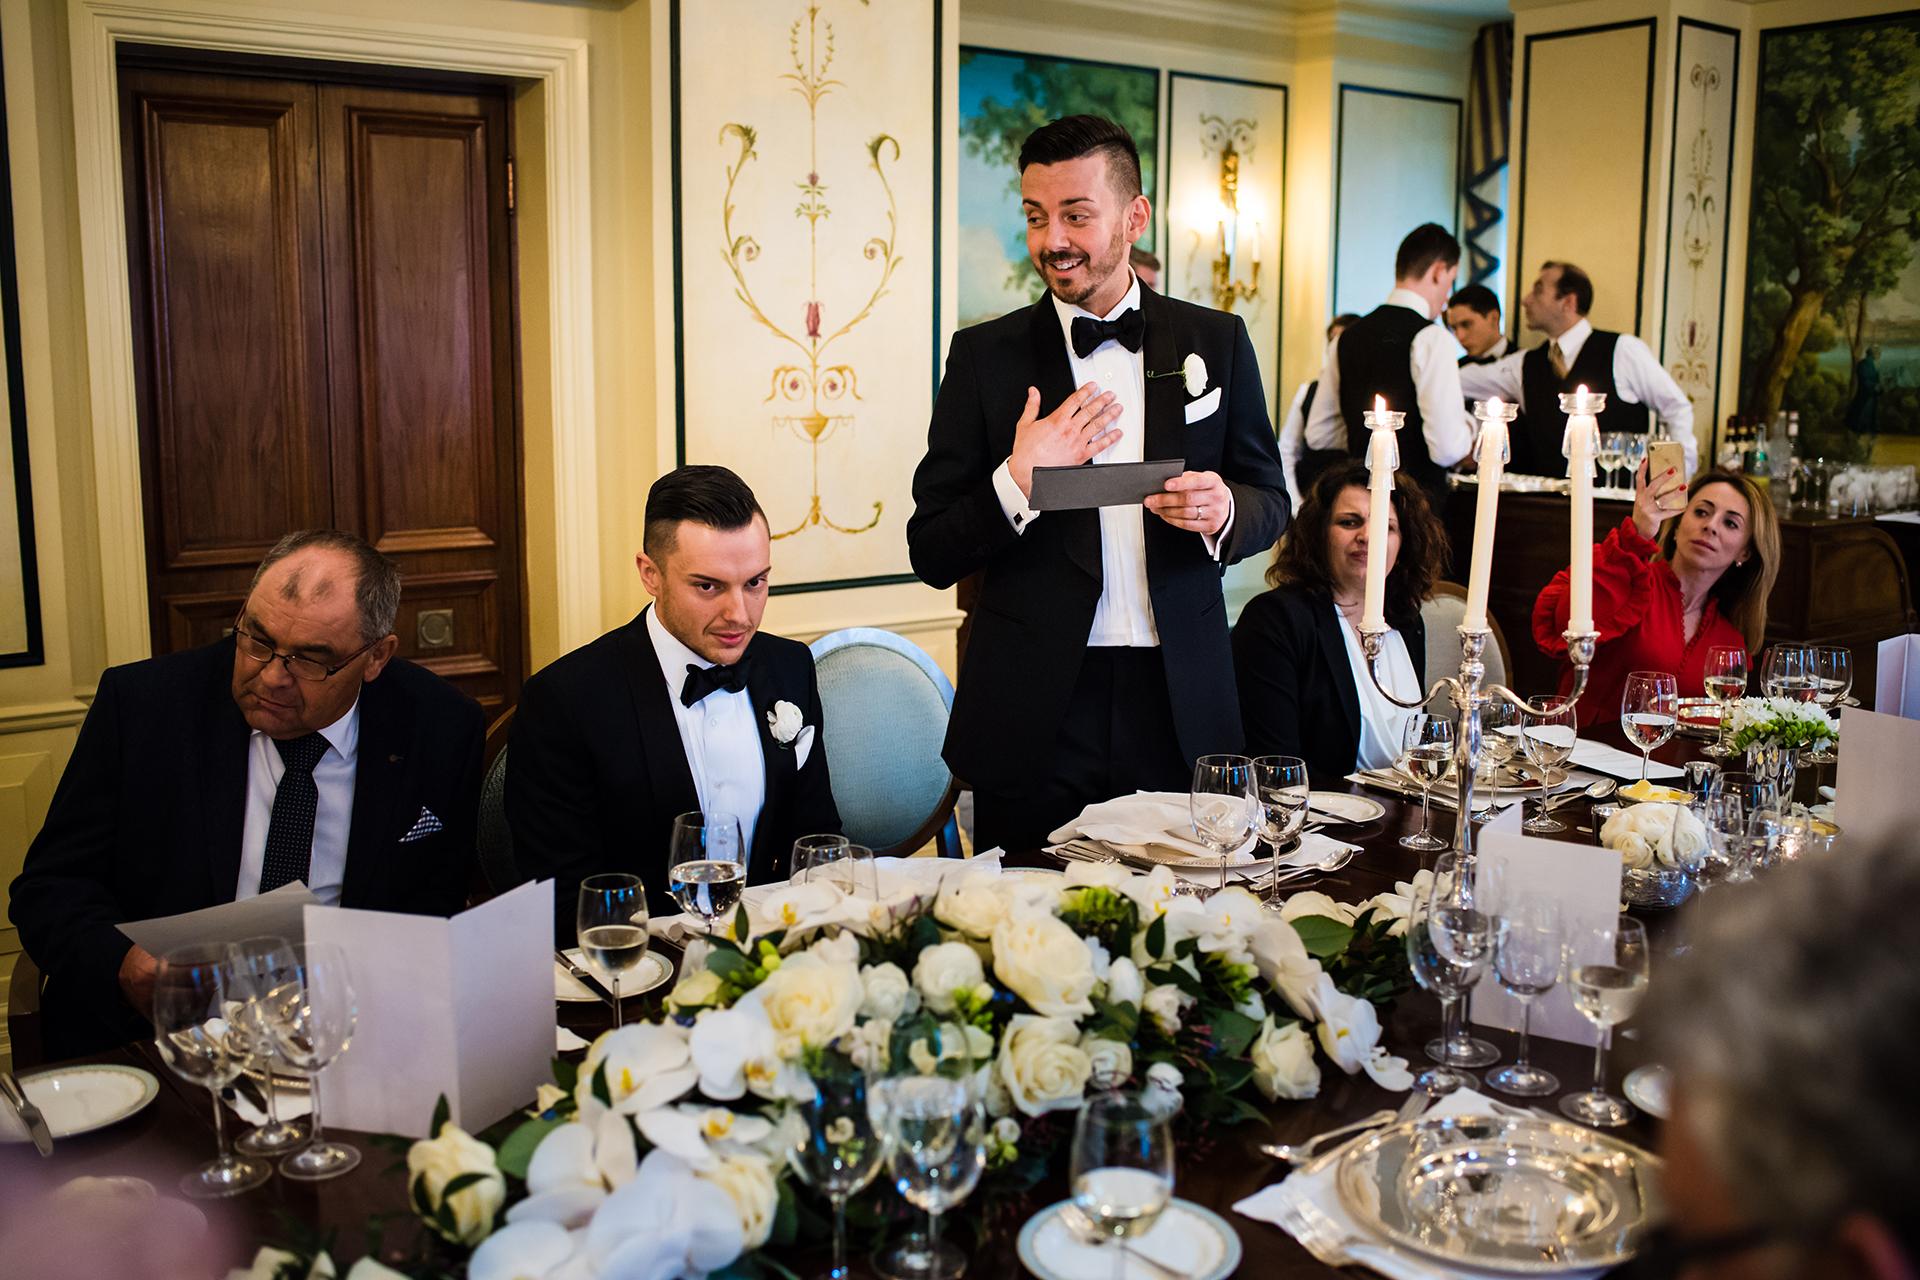 Das Savoy Hotel Elopement Bild | eine Hochzeitsrede beim Abendessen an der Rezeption